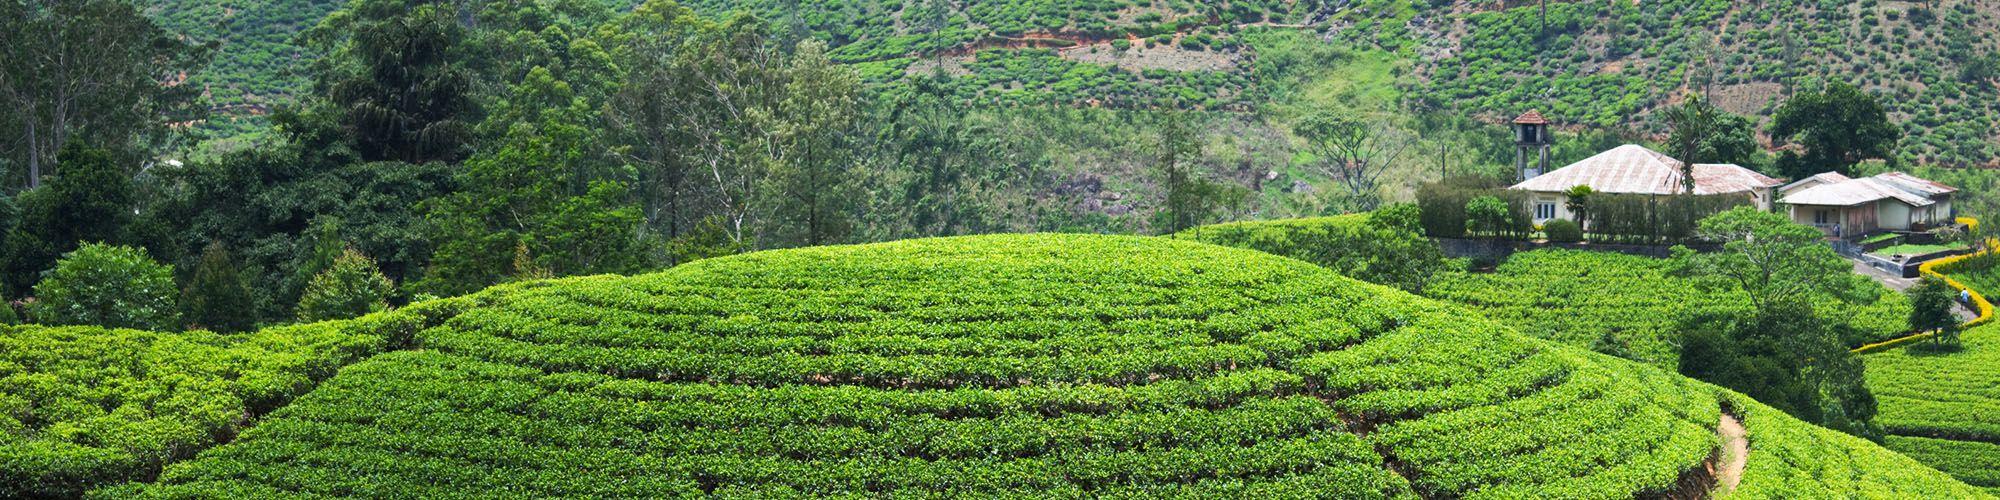 Sri Lanka, Bandarawela, Plantations, Randonnée